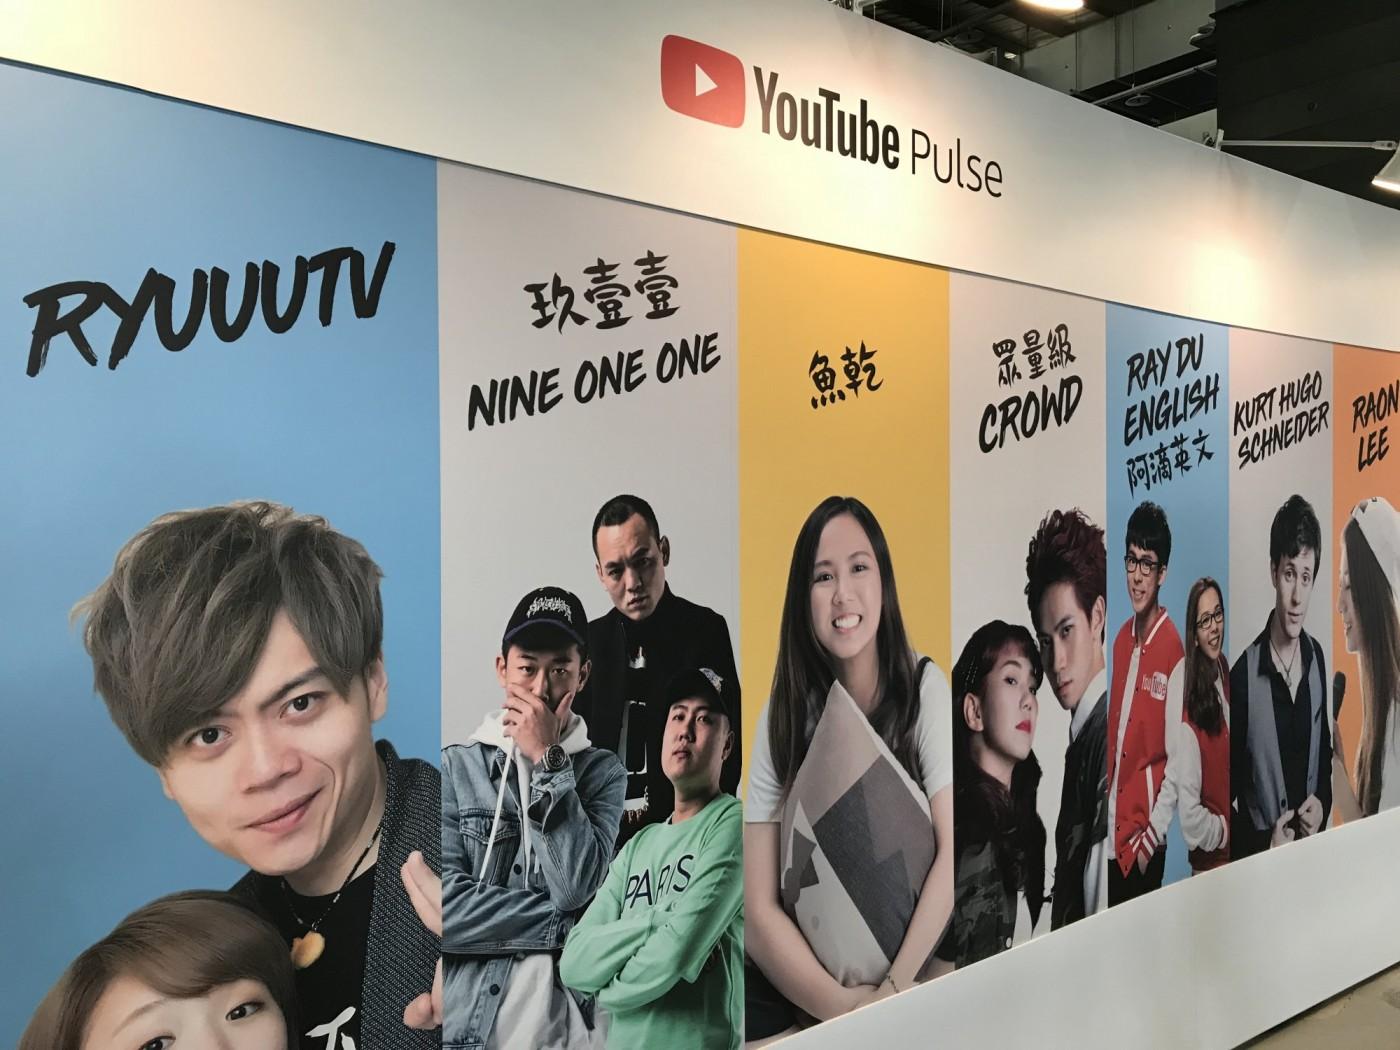 不輸年輕人,現在連長輩也離不開YouTube了